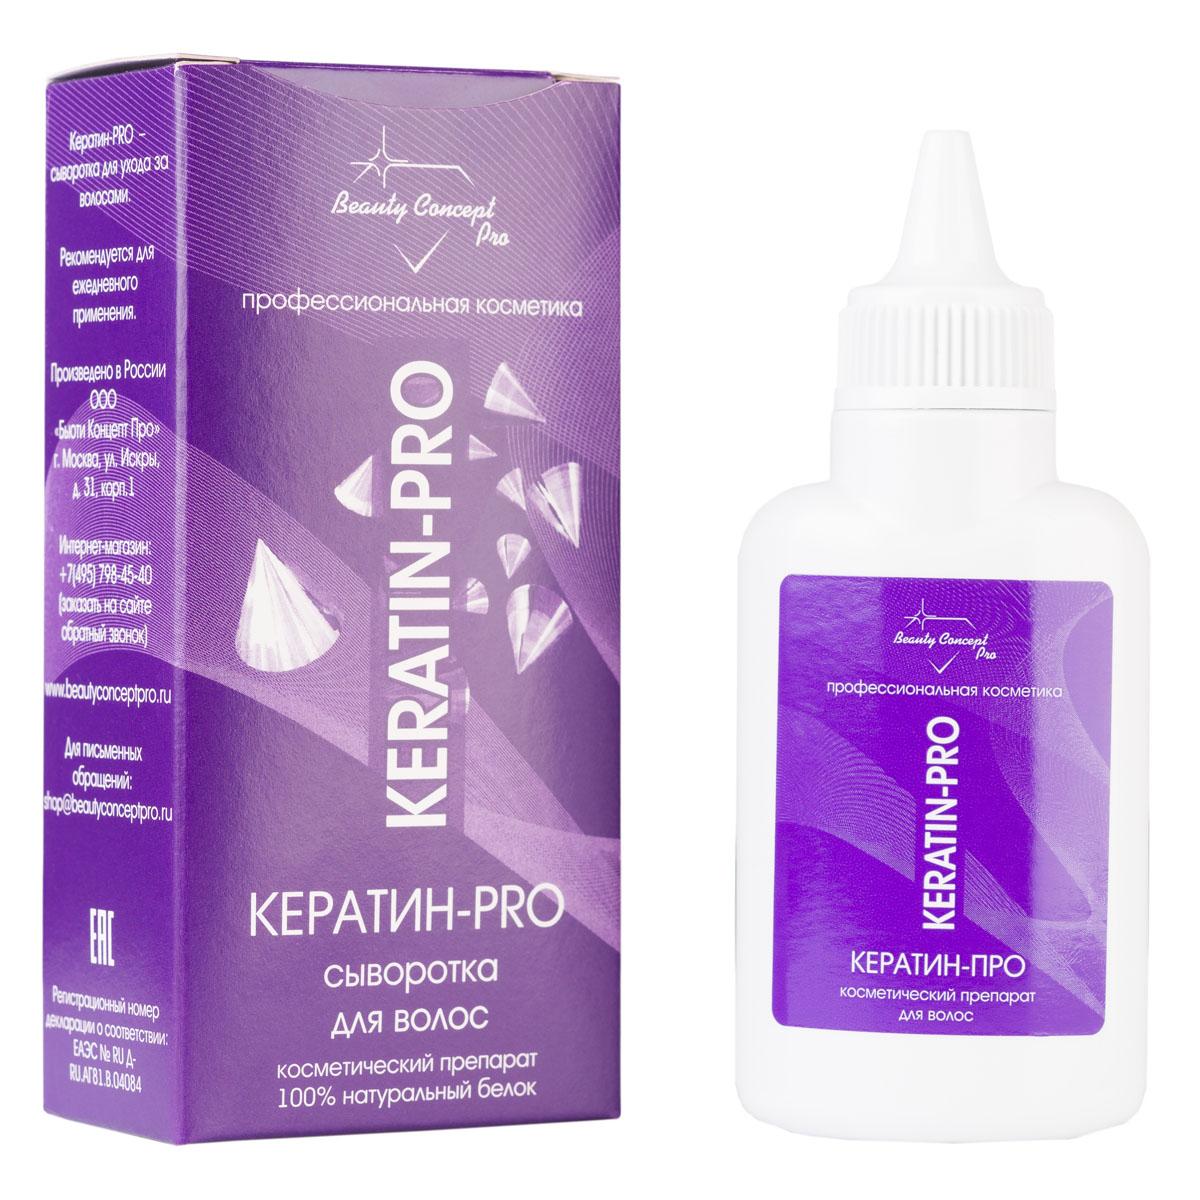 BeautyConceptPro Сыворотка для волос Кератин-PRO, 55 млFS-00103Кератин PRO - концентрированный препарат активная сыворотка, в которой используется особая растворимая форма белка. Благодаря этой формуле он глубоко встраивается в поврежденные участки волоса, восстанавливая его структуру по всей длине, обеспечивая питание волосяных луковиц и улучшая кровообращение кожного покрова головы.Особый эффект при совмещении с Коллагеном PRO. Способ применения и дозировка: Обогащение ежедневных косметических средств 7-10 капель Кератина PRO на 30 мл. средства. В комплект входят мерный стаканчик, ложечка и вкладыш с инструкцией.Эффект от применения Кератина-PRO: Защита волос от агрессивного воздействия окружающей среды (холод, ветер, солнце)Восстановление структуры волоса по всей длине (склеивание чешуек)Стимулирование роста волос, их питаниеУлучшение кровообращения кожного покрова головы Питание волосяных луковиц Устранение сухости, сечения и ломкости волос Защита волос перед окрашиванием, тонированием Закрепление цвета после окраскиУсиление эффекта при выпрямлении волосОбеспечение роста волос и предотвращение их выпадения Придание волосам блеска и эластичностиВосстановление и защита волос от негативного воздействия средств по уходу(фены, бигуди, плойки, утюжки и т.д.)